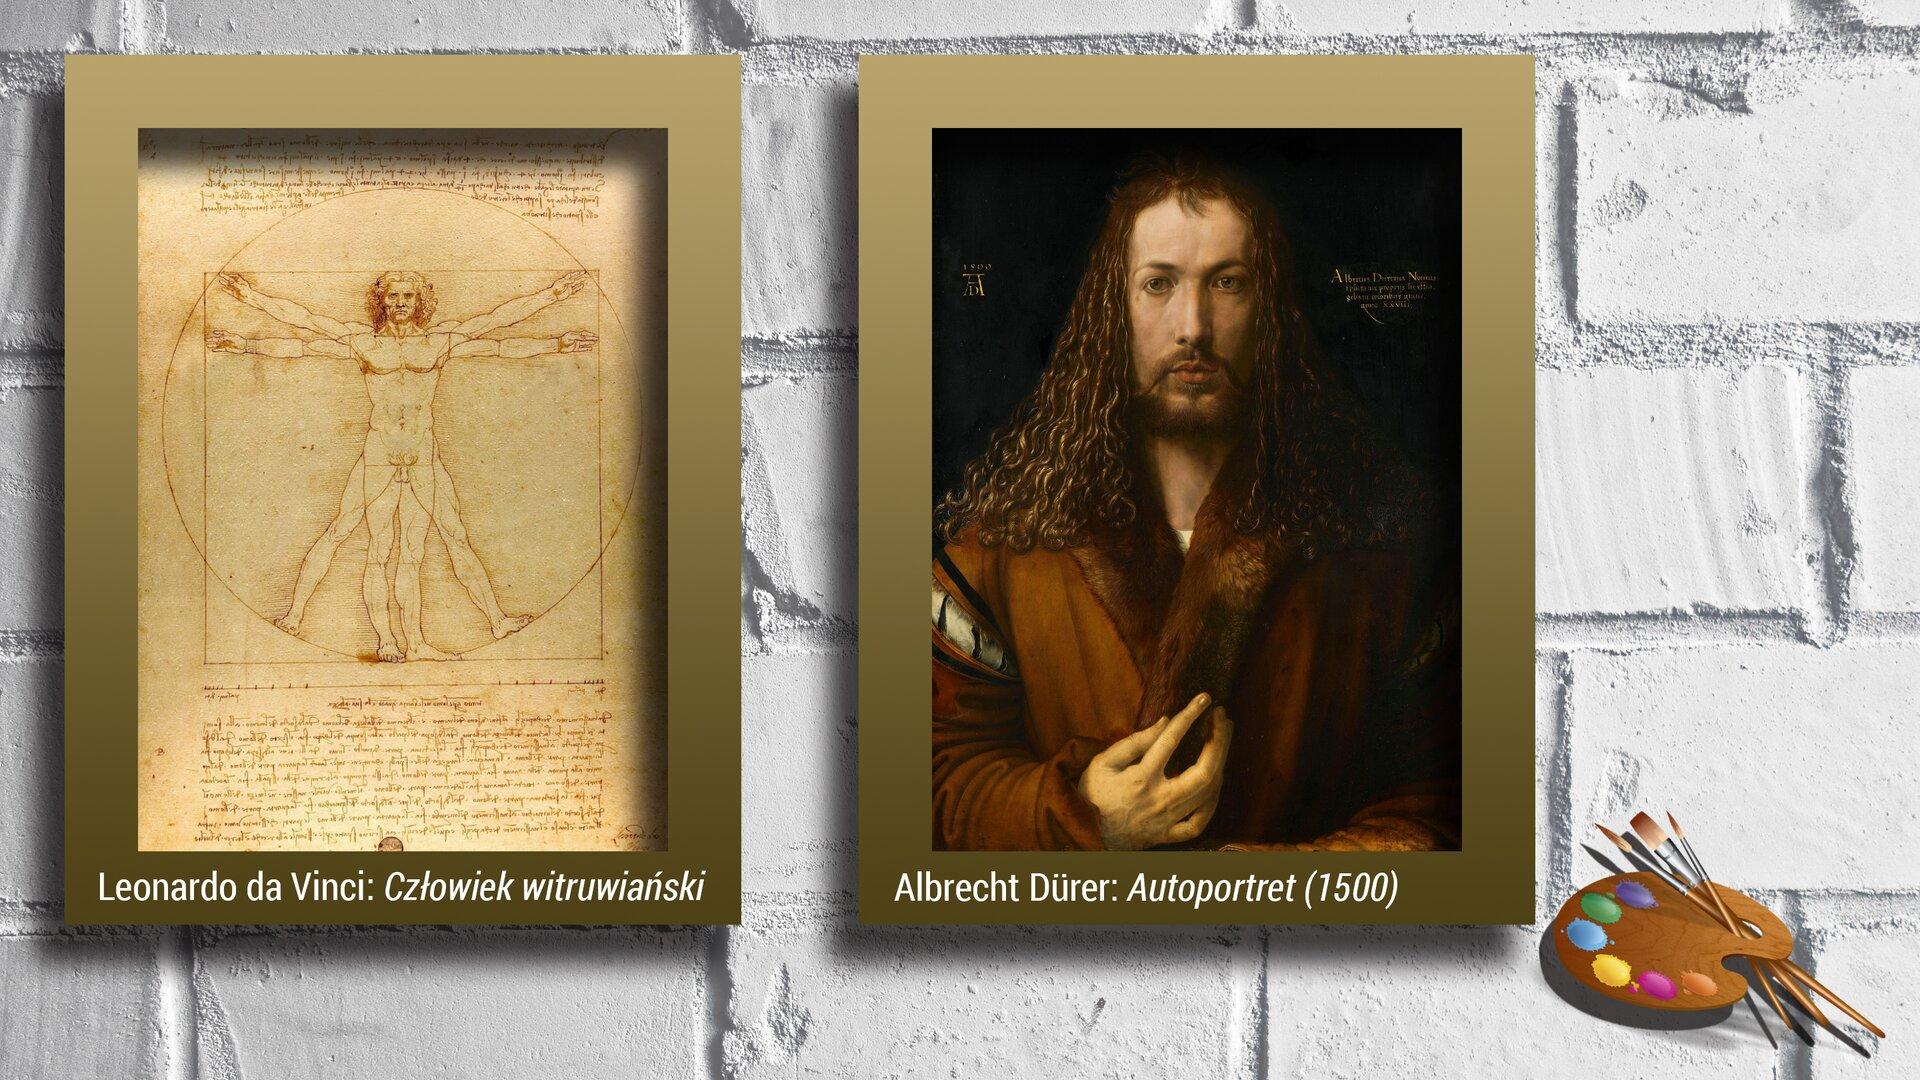 """Poniżej druga ilustracja zawierająca dwa obrazy. Pierwszy po lewej to dzieło Leonarda da Vinci, """"Człowiek witruwiański"""". Przedstawia nagiego mężczyznę wdwóch nałożonych na siebie pozycjach wpisanych wokrąg iwkwadrat, najbardziej realne odzwierciedlenie idealnych proporcji ludzkiego ciała. Po prawej znajduje się malowidło Albrechta Dürera """"Autoportret"""" przedstawiające długowłosego mężczyznę zzarostem na twarzy, ubranego wbrązowe szaty charakterystyczne dla piętnastego wieku."""